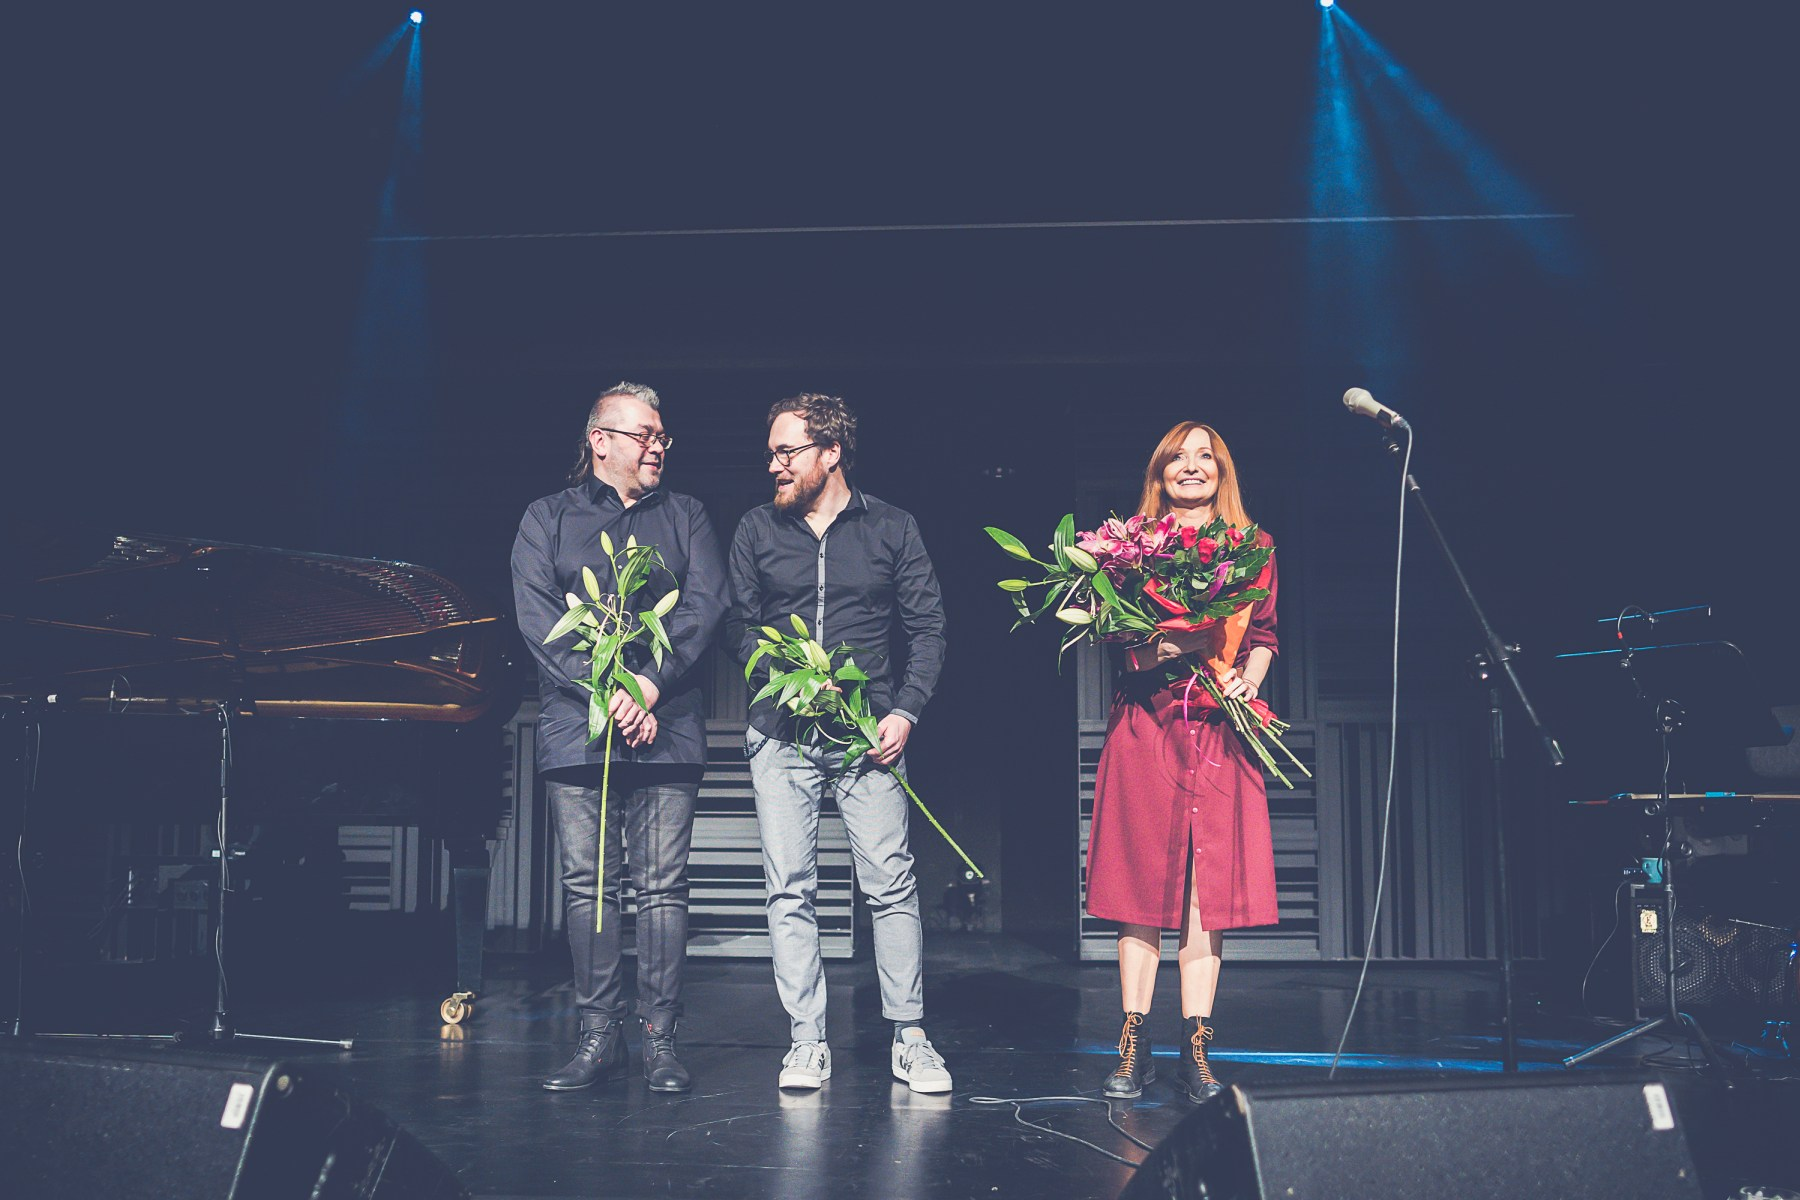 Od lewej: Rafał Karasiewicz, Jakub Olejnik i Justyna Szafran. Wszyscy troje trzymają kwiaty i uśmiechają się. W tle po lewej fortepian, po prawej mikrofon na statywie.